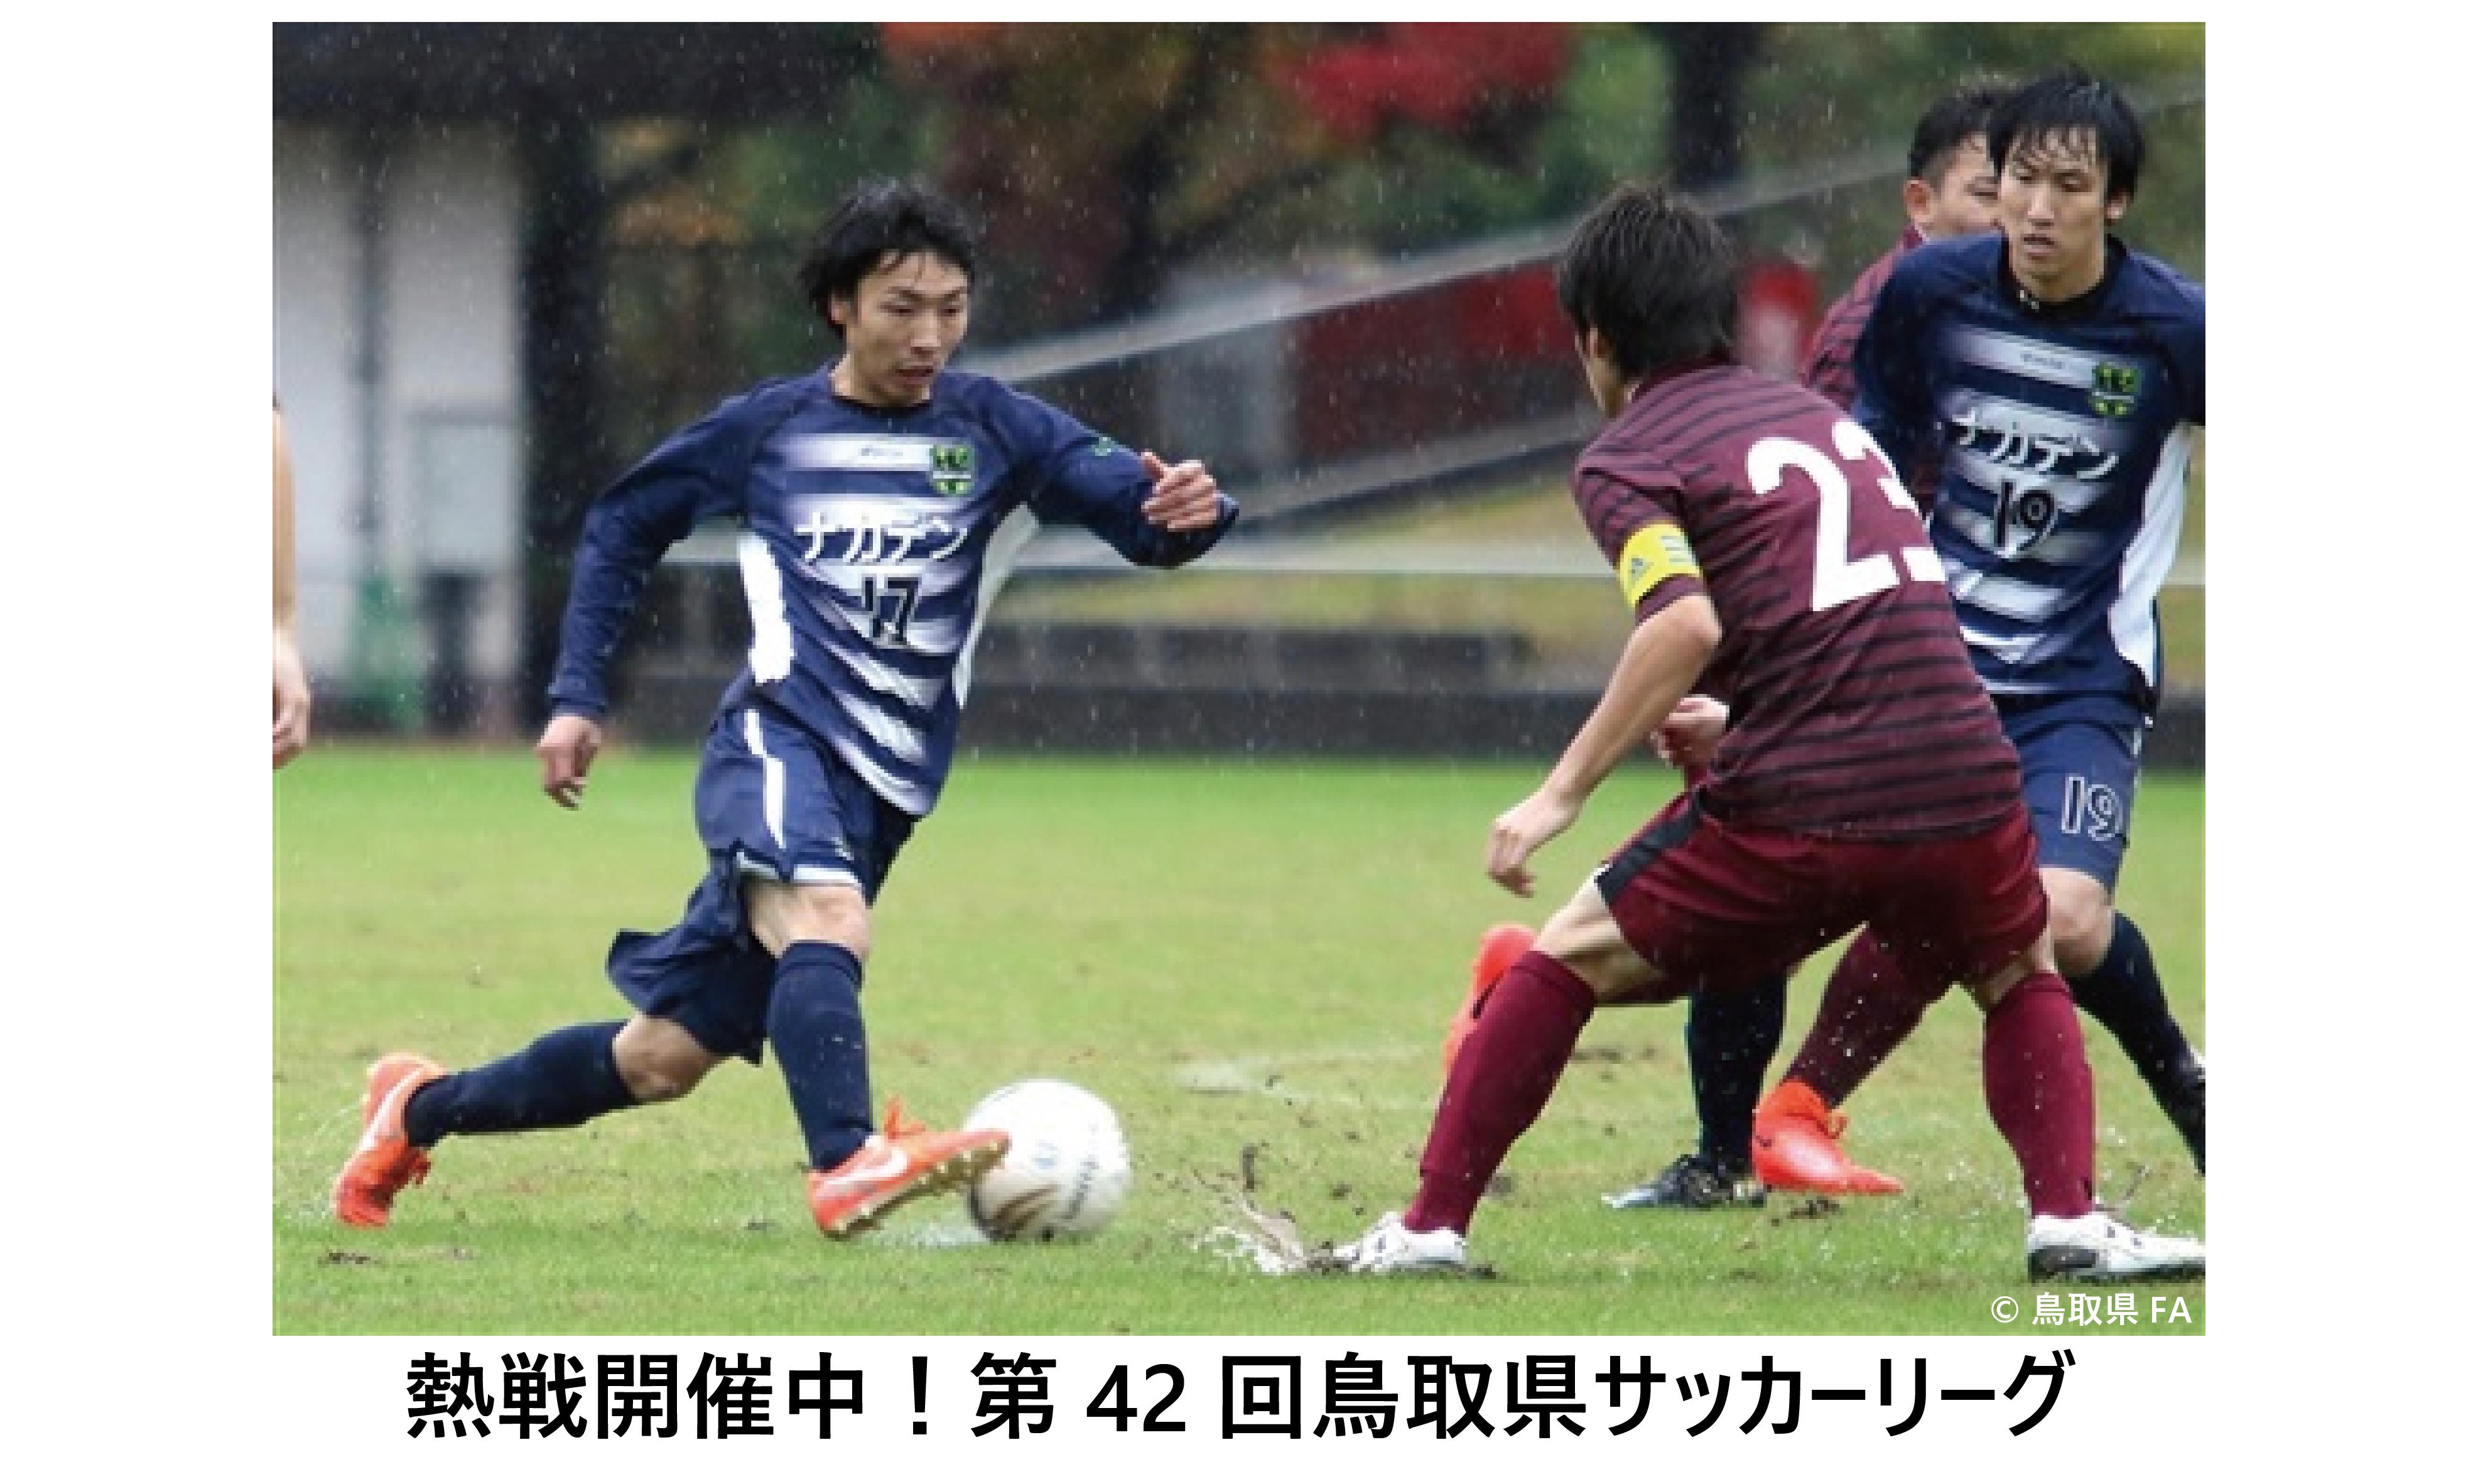 第42回鳥取県サッカーリーグ